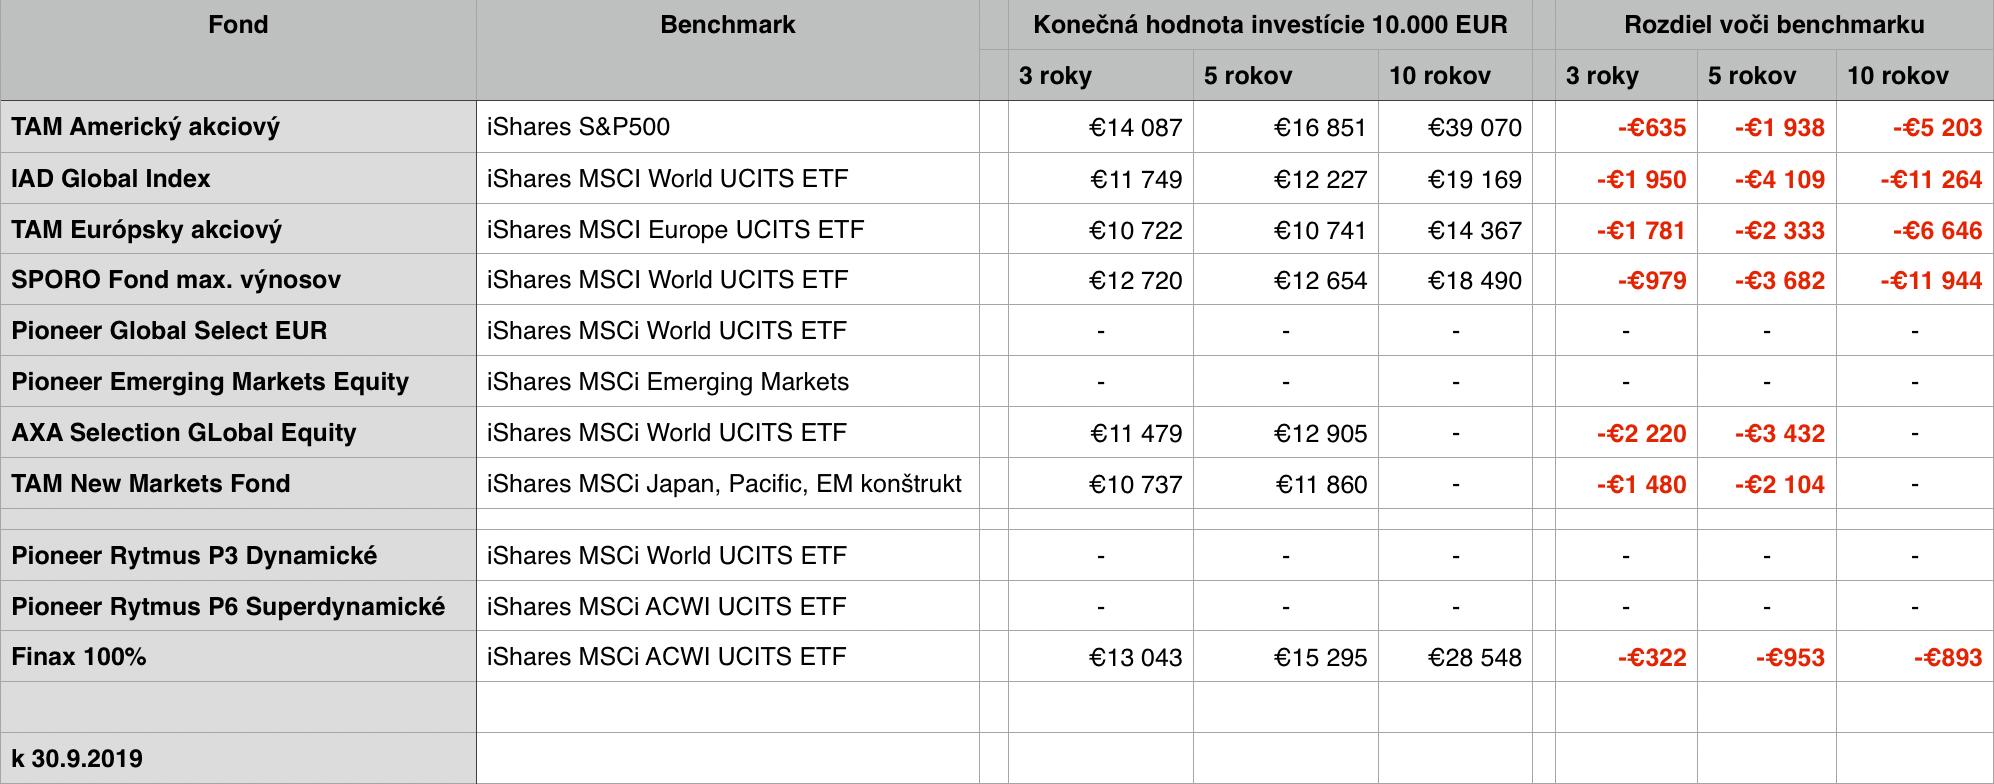 Akciové podielové fondy a porovnanie vývoja ich hodnoty s benchmarkovými ETF.